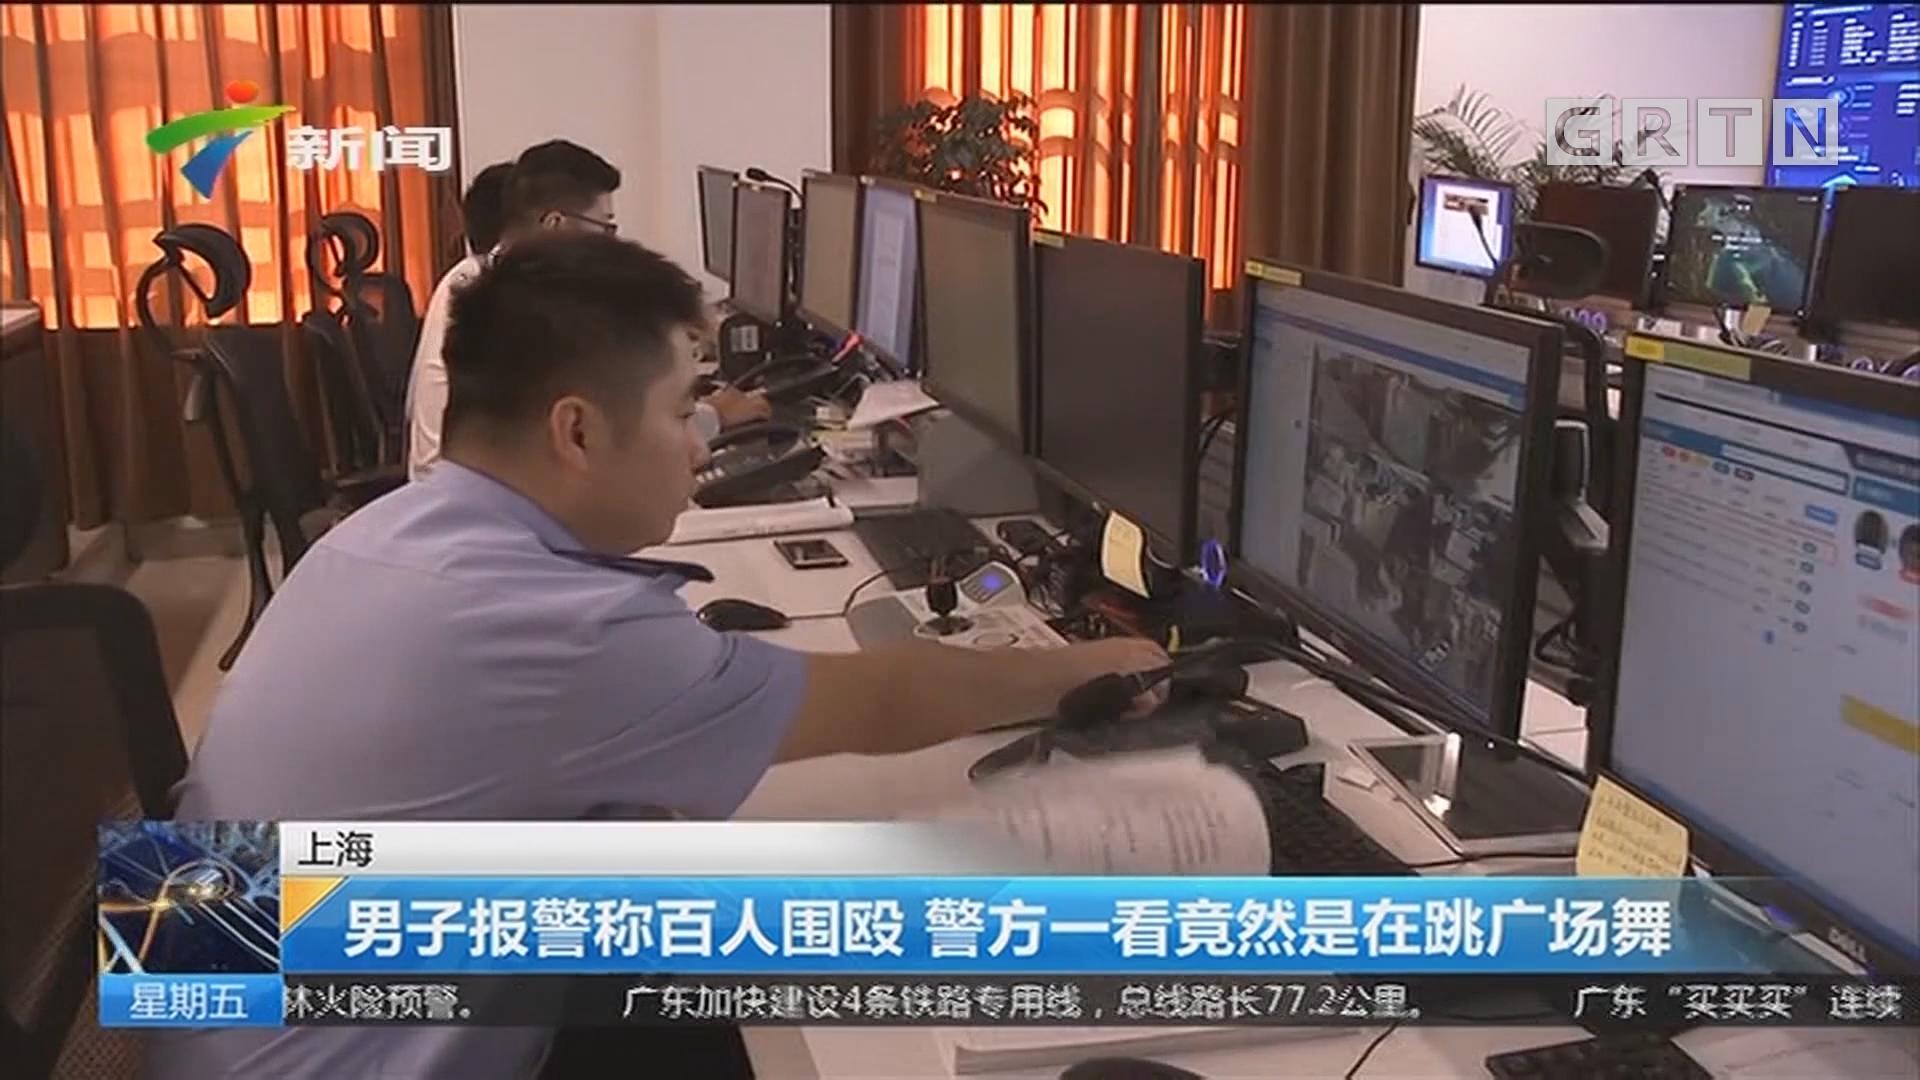 上海 男子报警称百人围殴 警方一看竟然是在跳广场舞